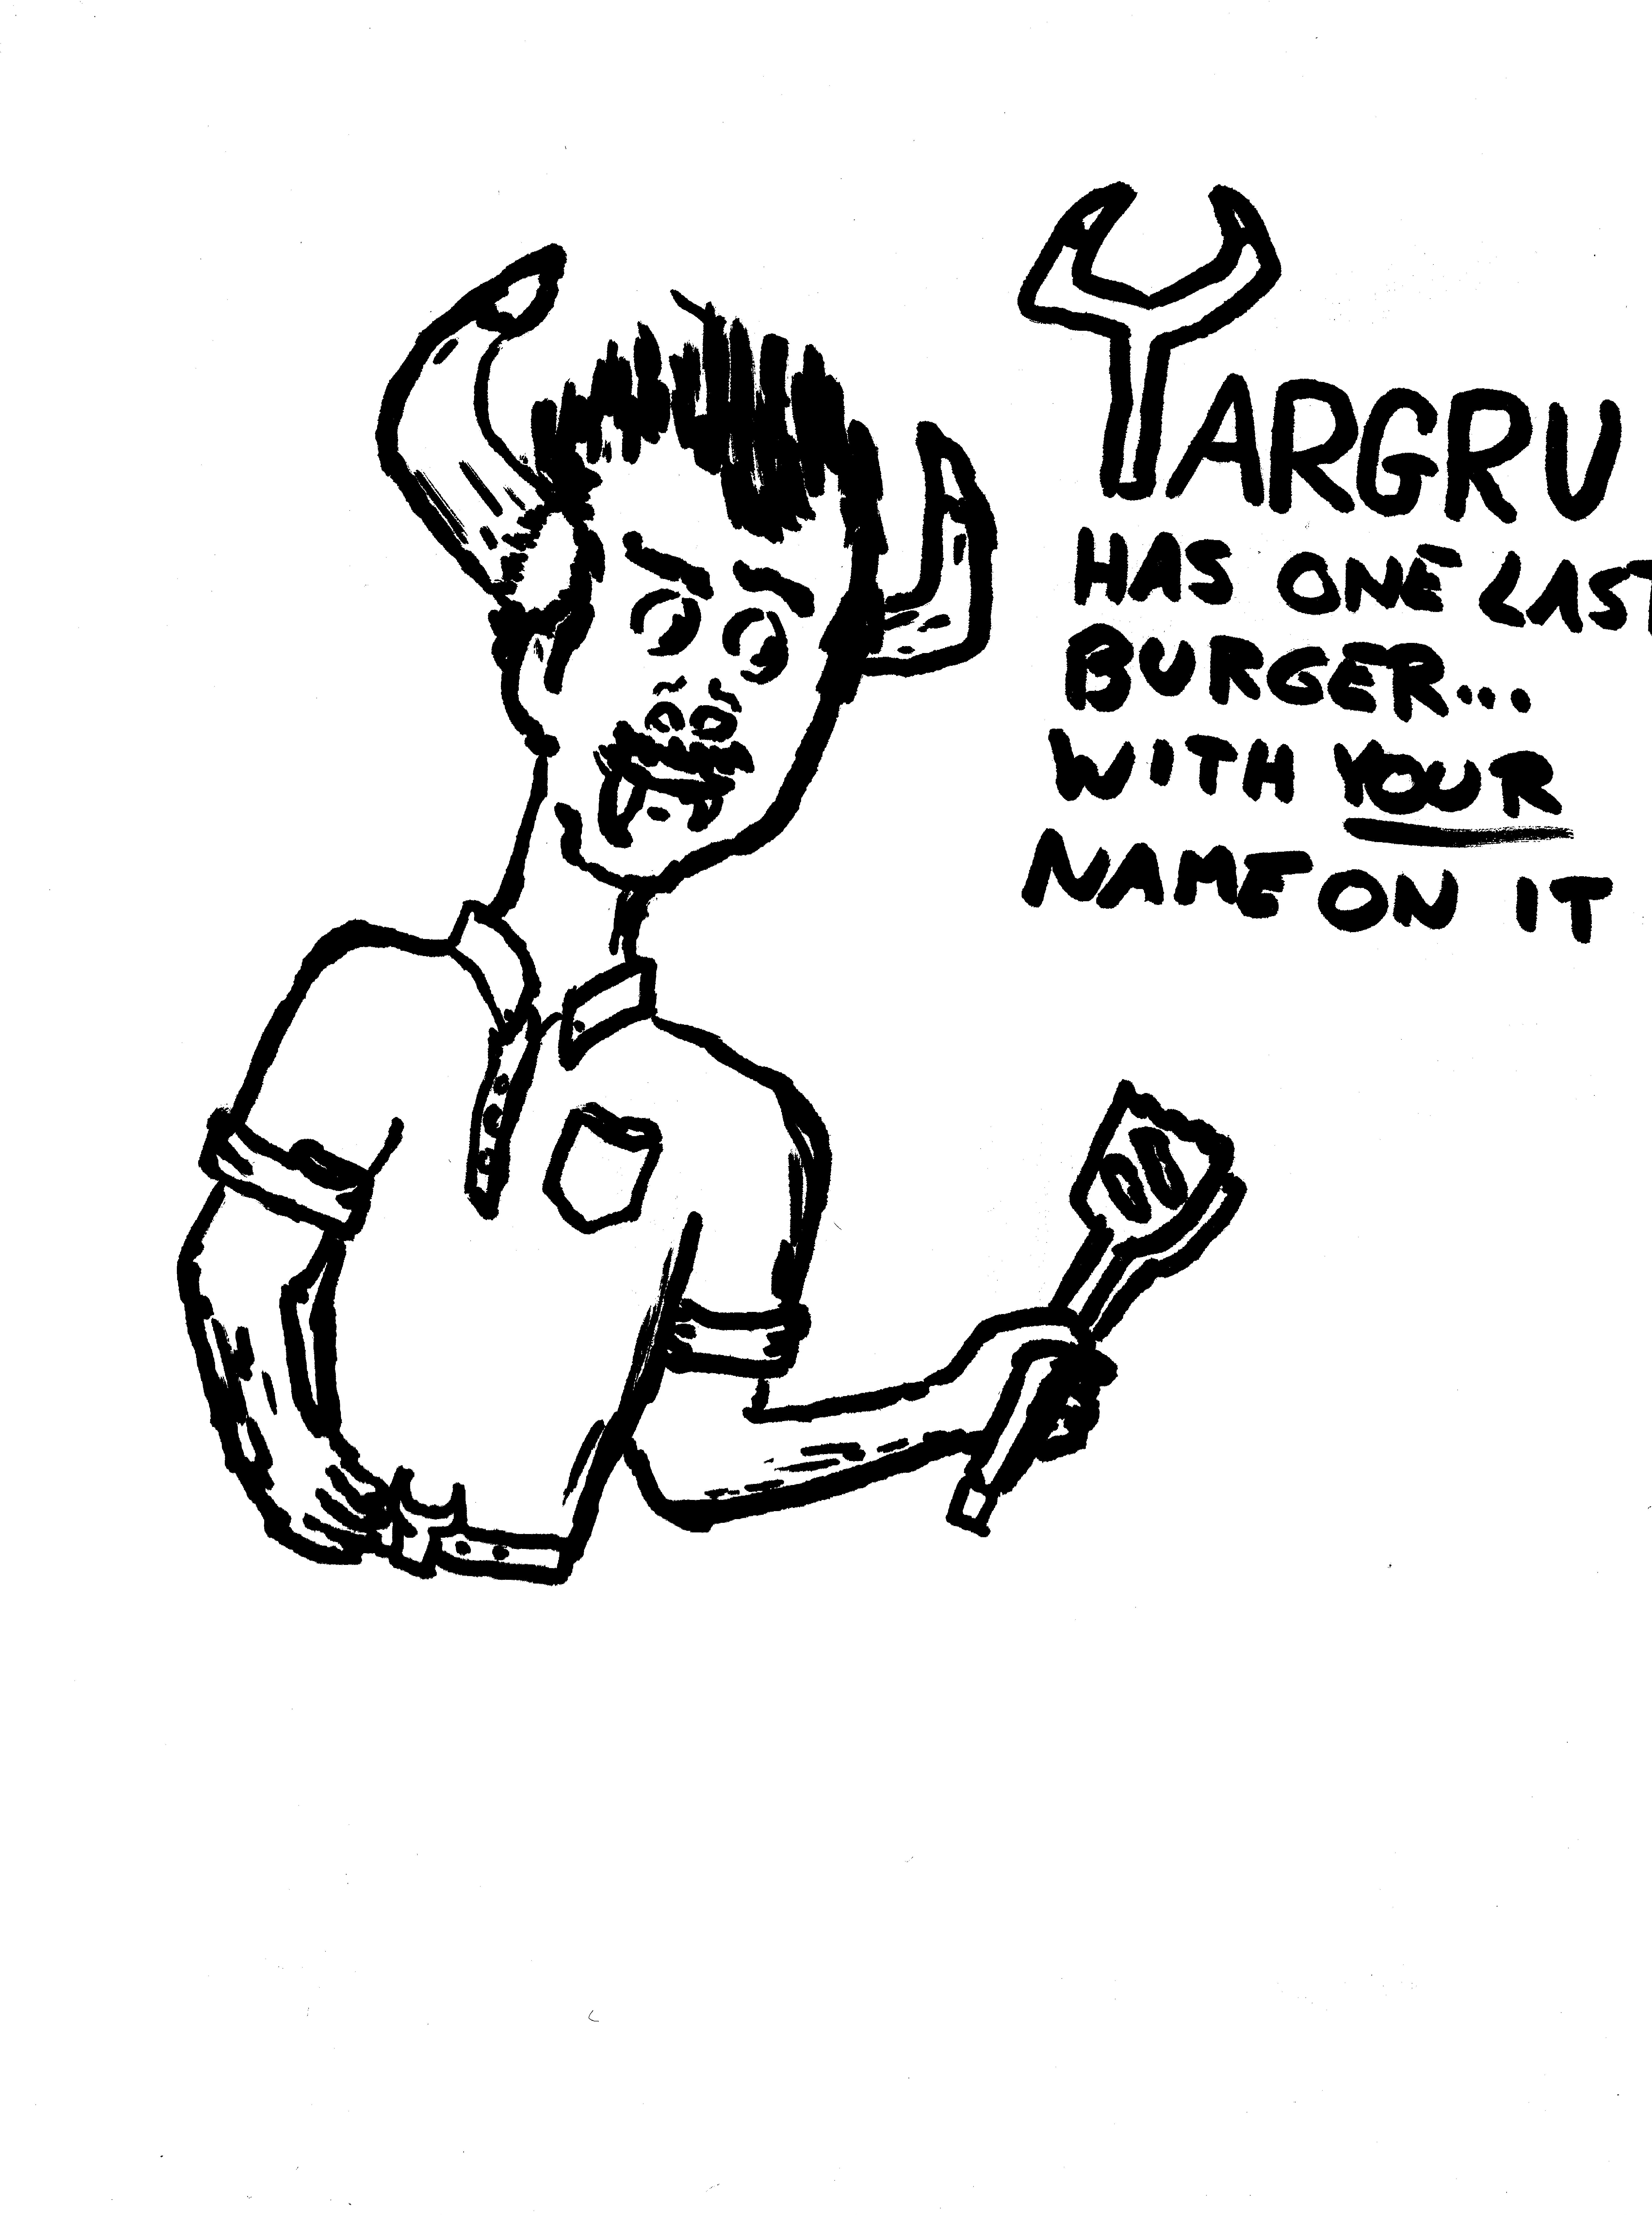 Yargru